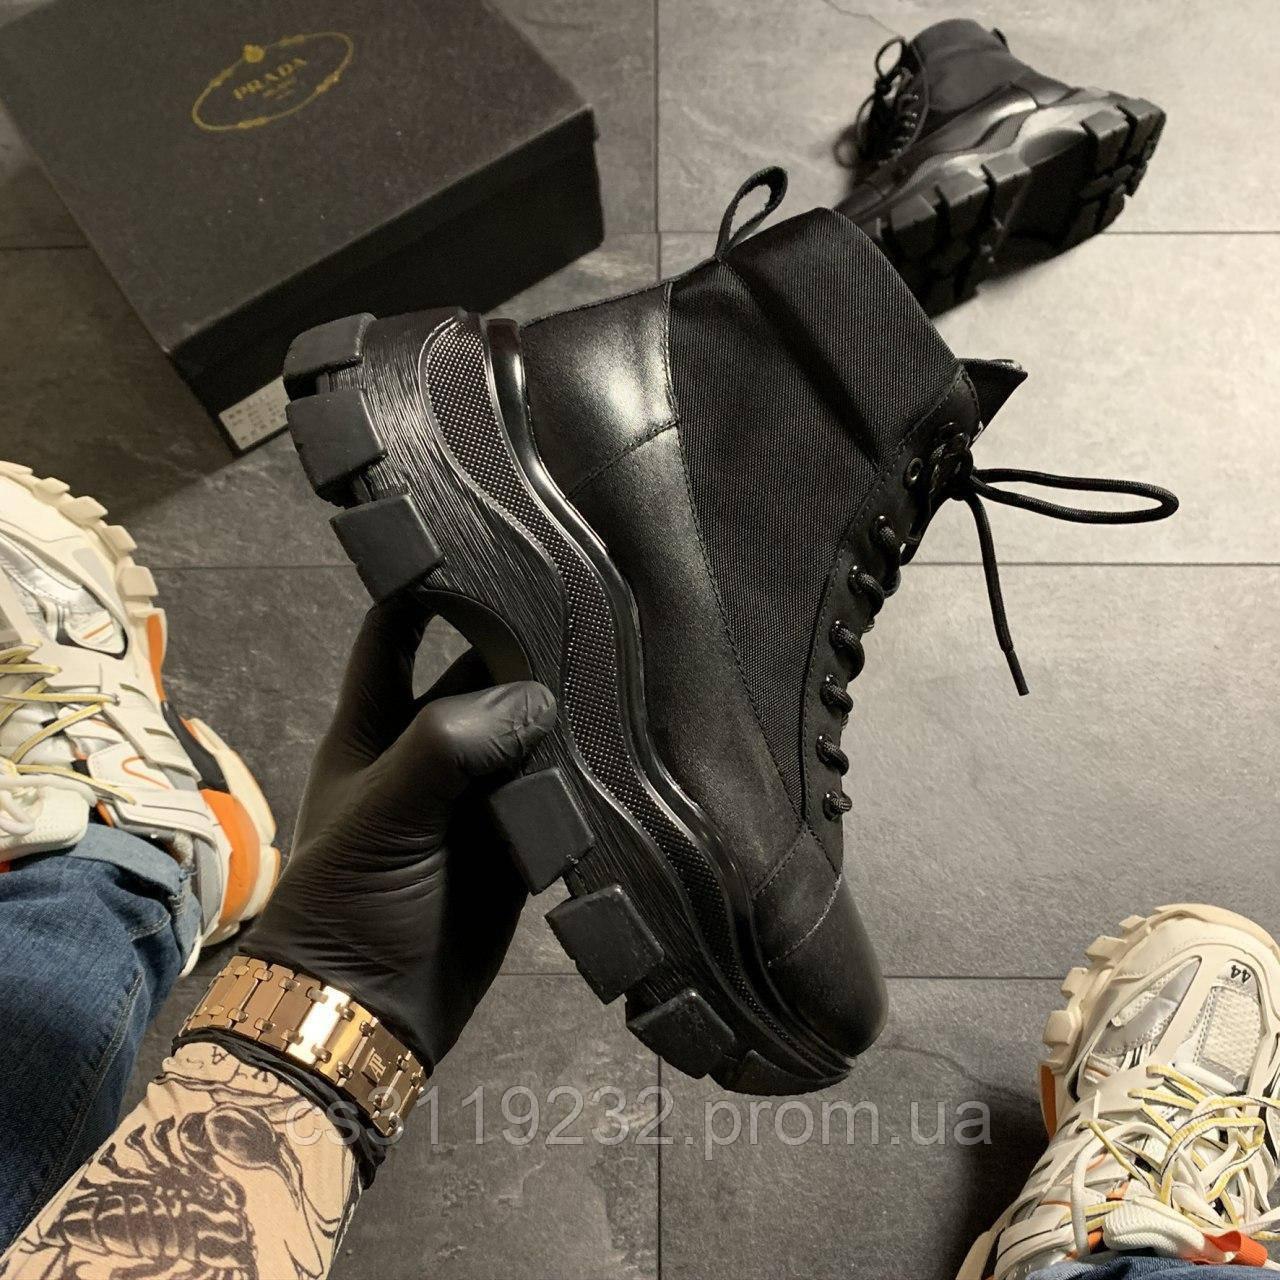 Женские кроссовки Prada Black Milano Sneakers Block (черные) 38-42 р.